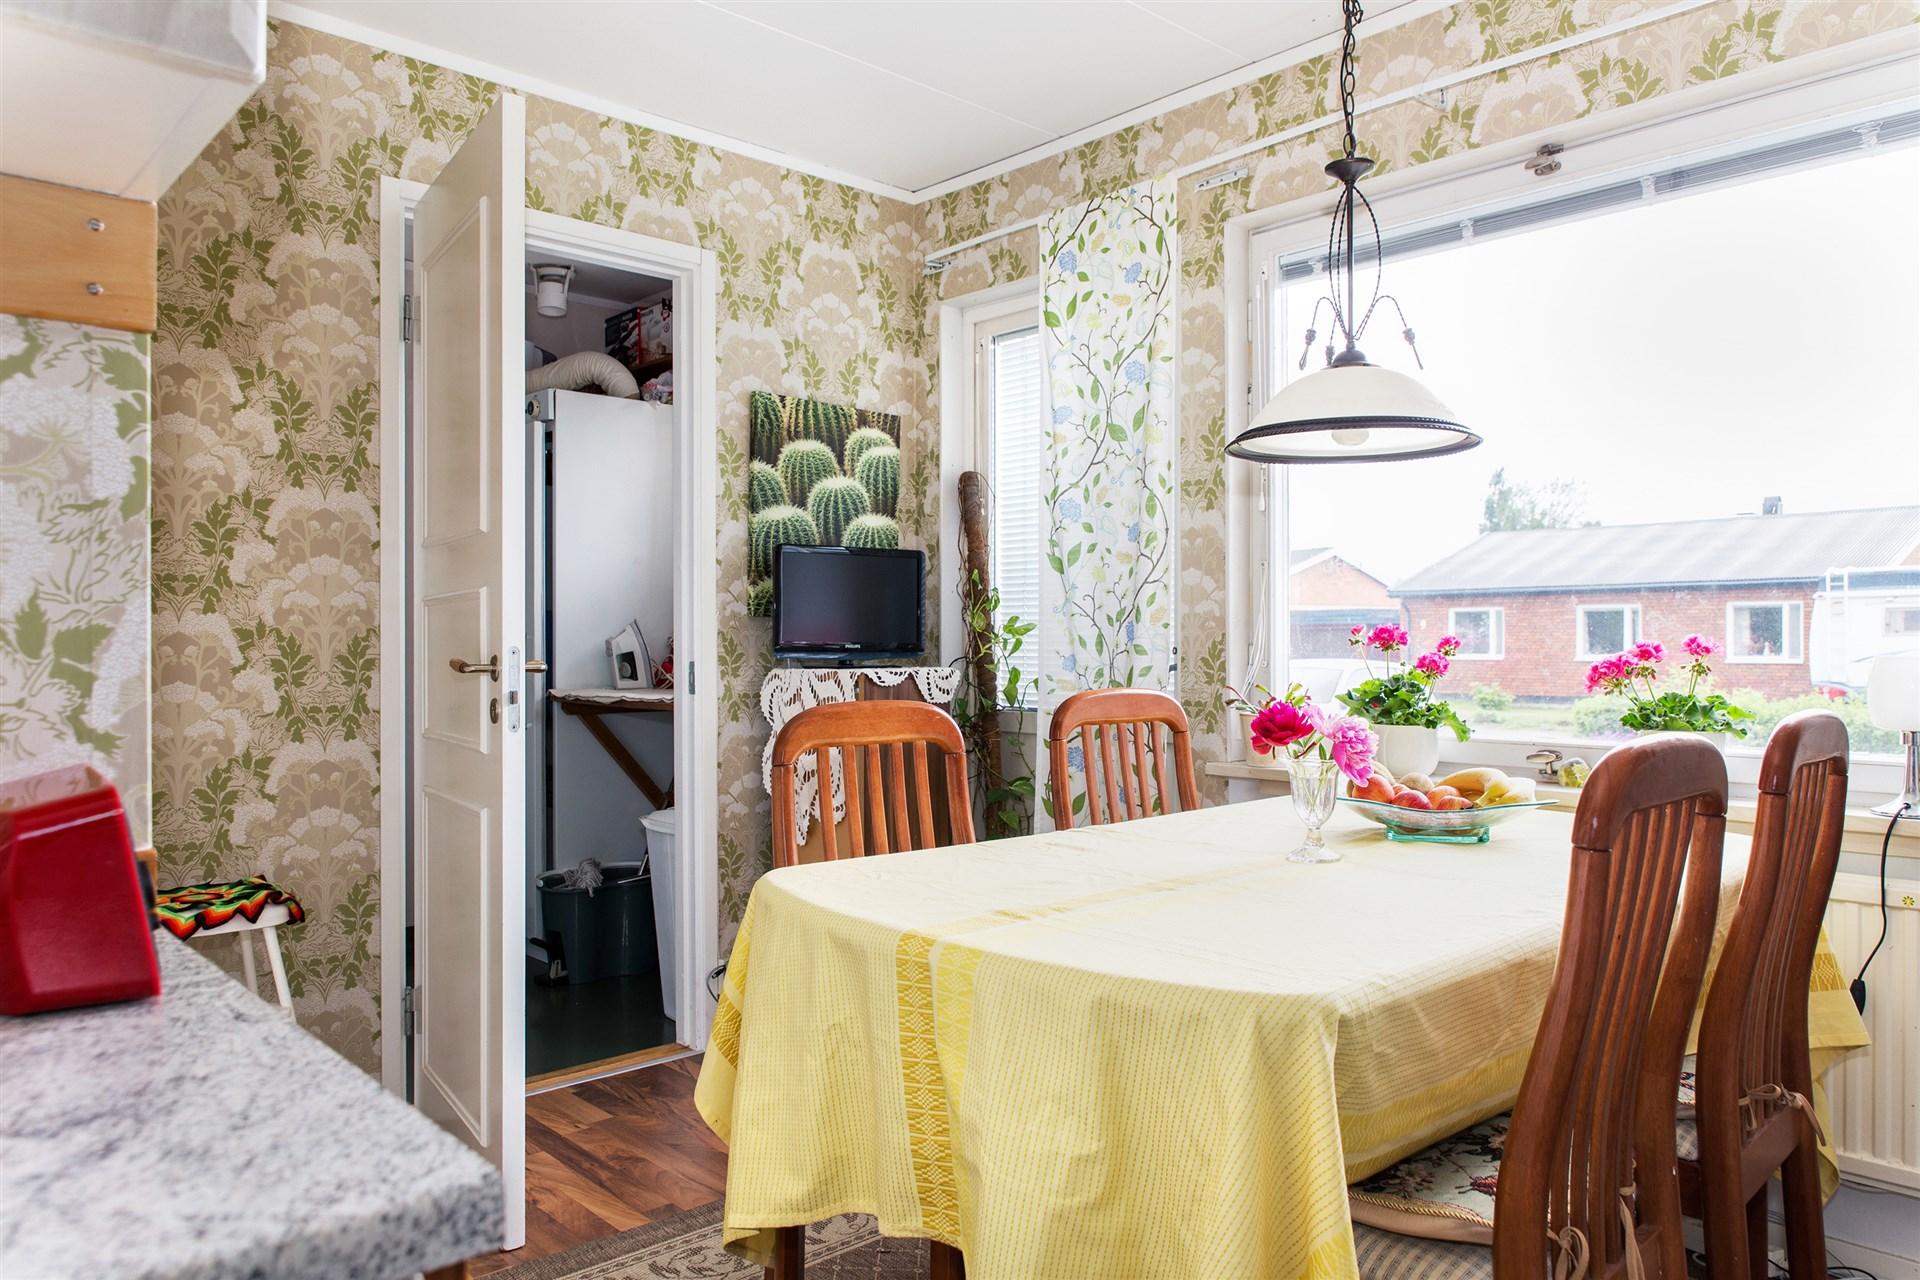 Matplats i kök med tvättstuga innanför